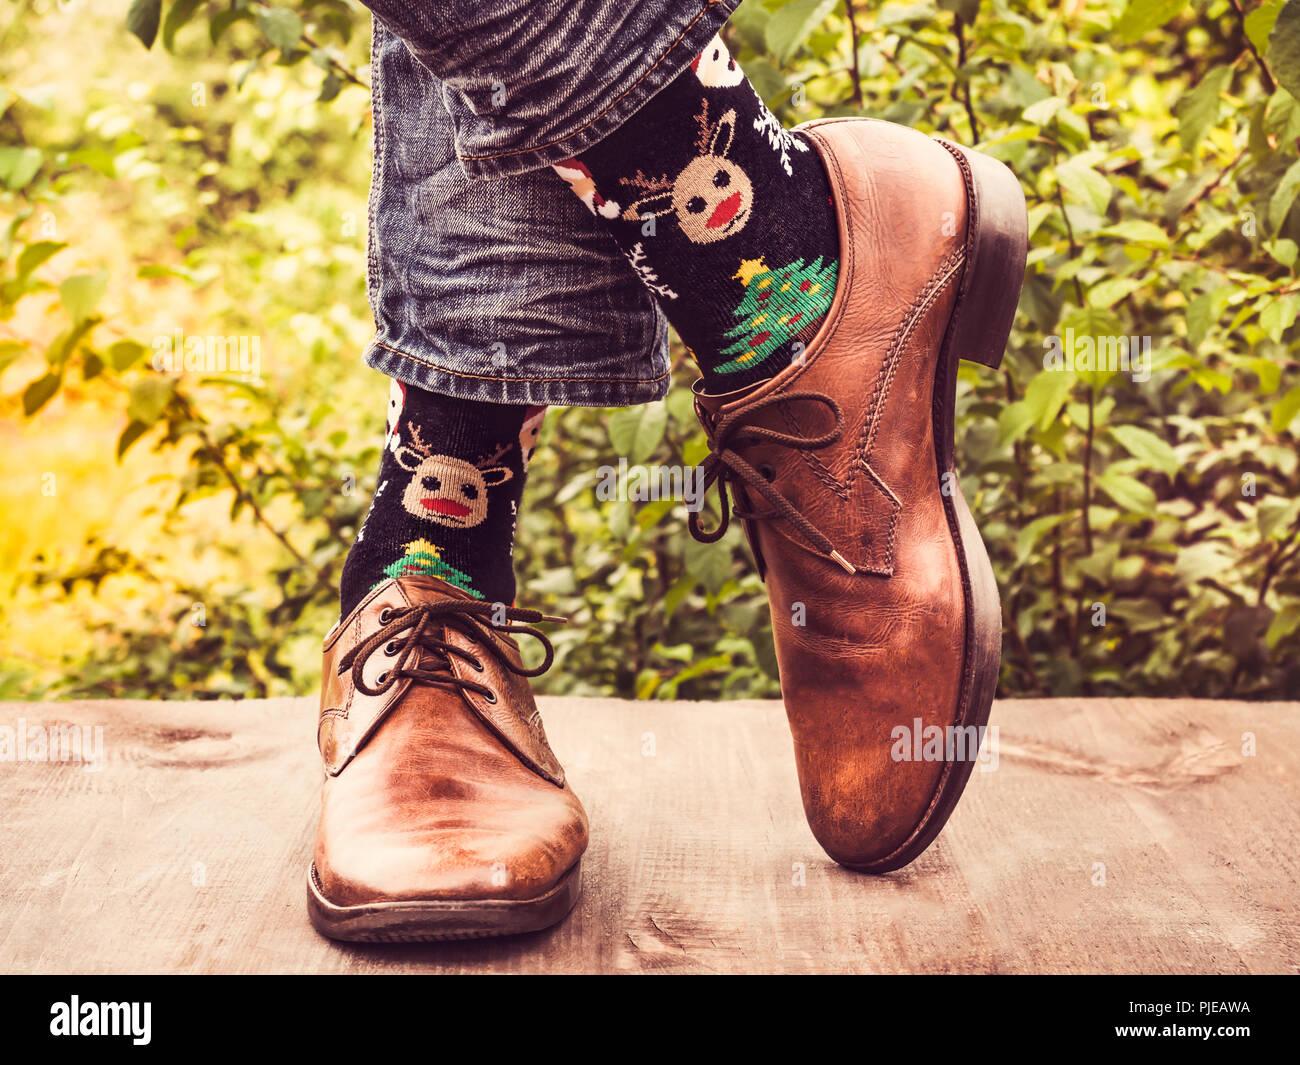 743128e6 Gerente de oficina en elegantes zapatos y calcetines brillantes Foto ...